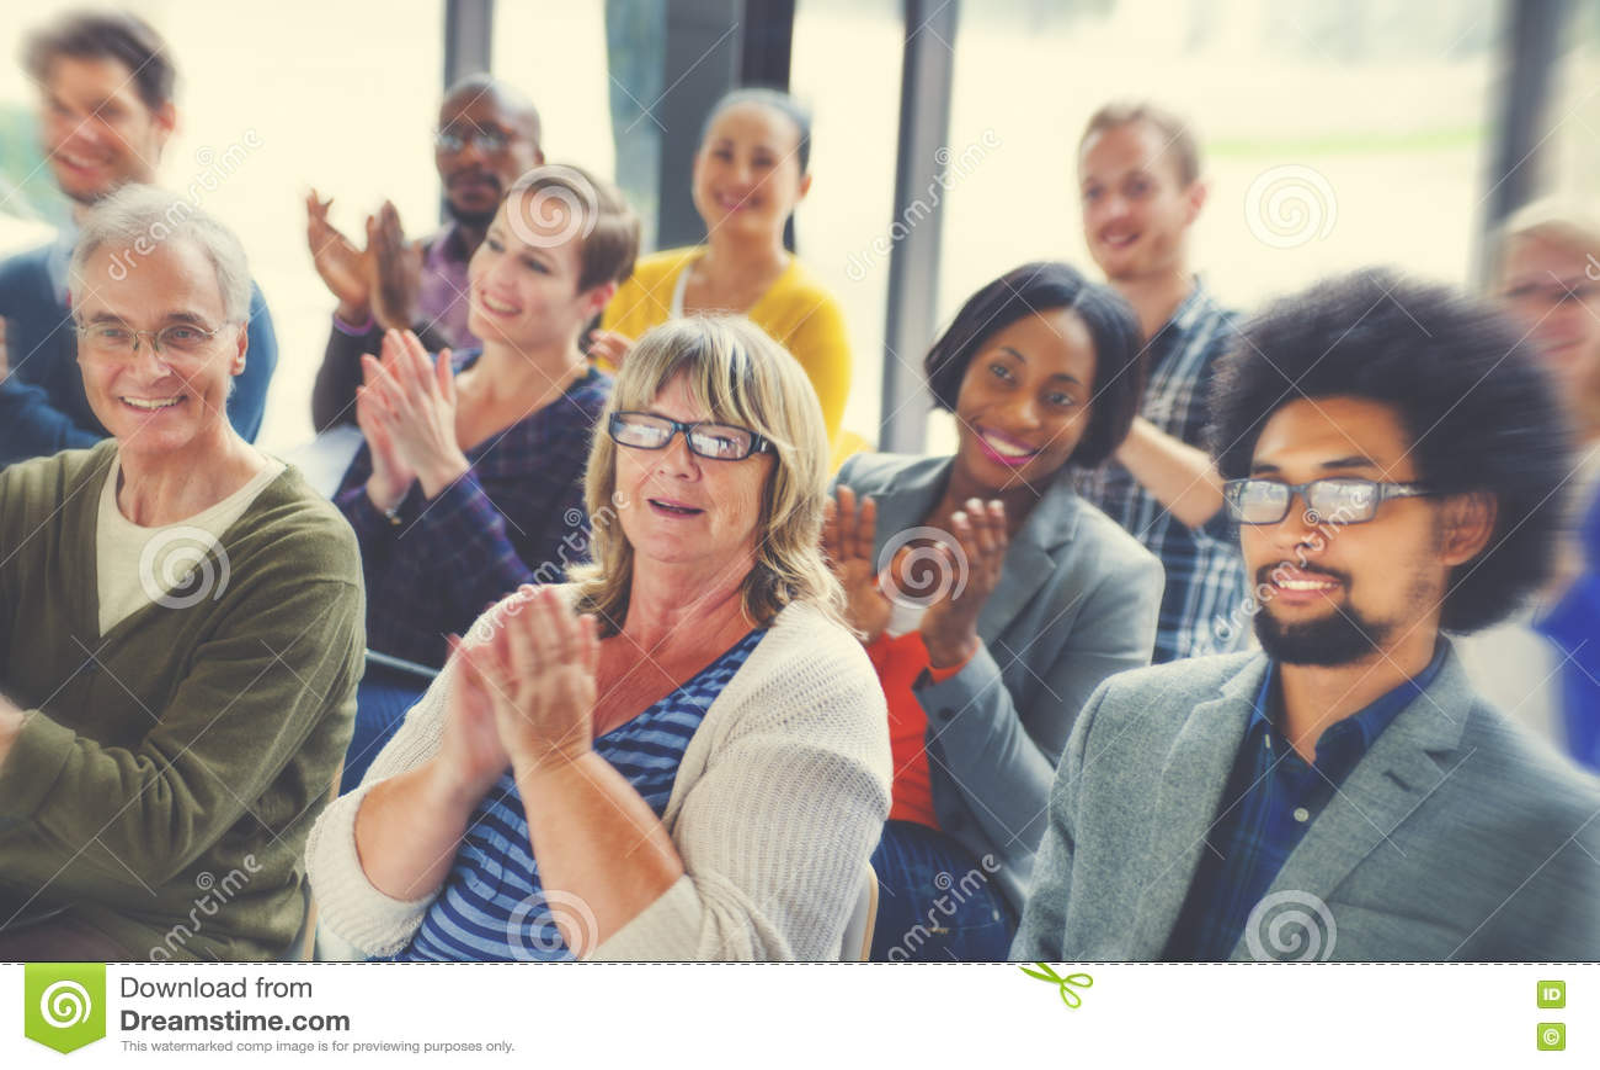 Różnorodni ludzie szczęście przyjaźni widowni konwersatorium pojęcia